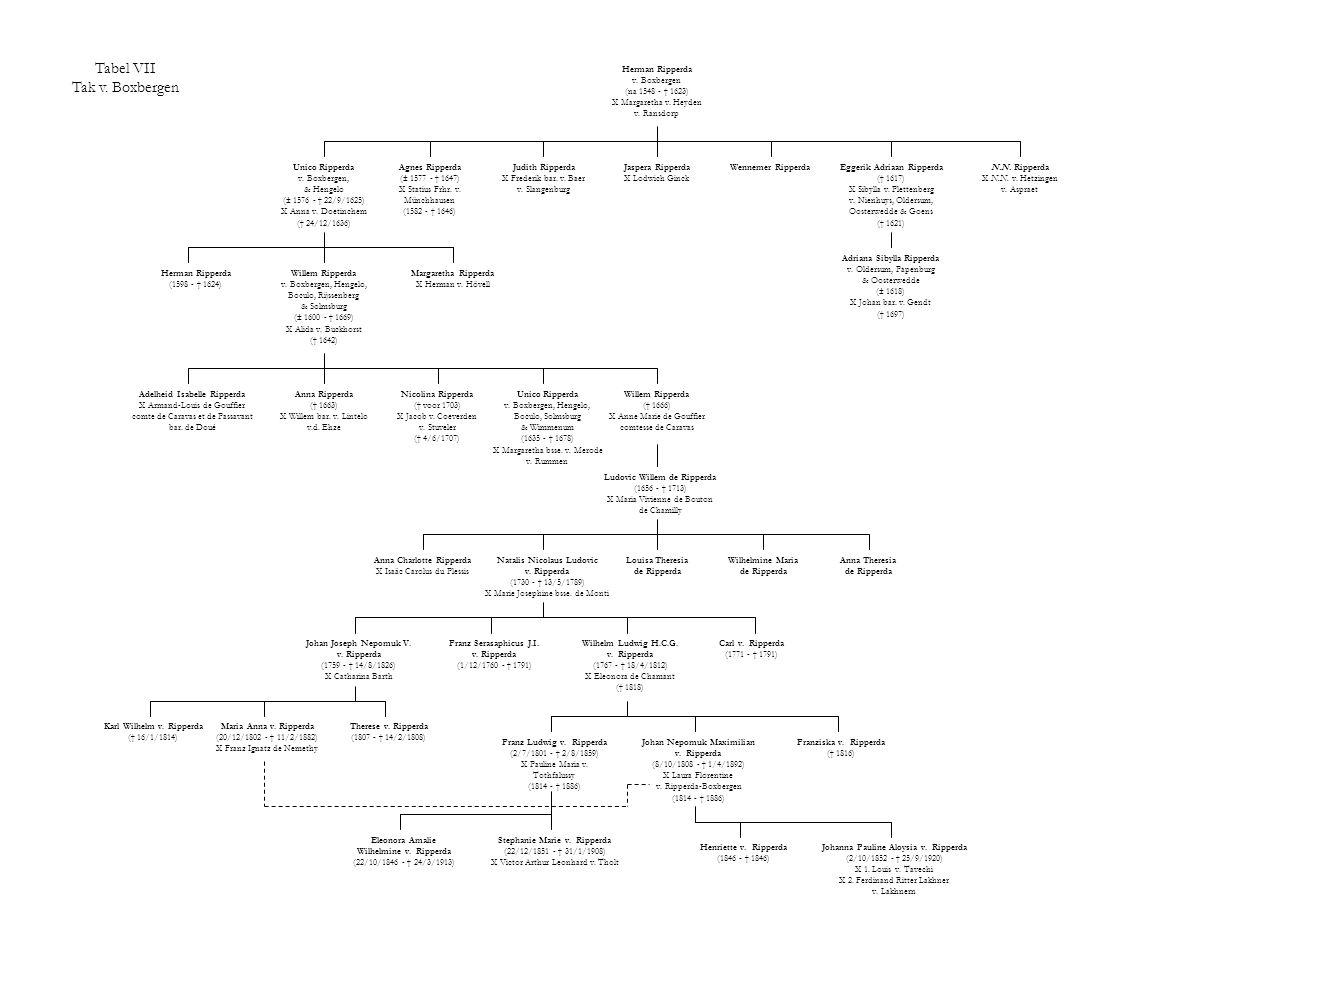 Tabel VII Tak v. Boxbergen Herman Ripperda v. Boxbergen (na 1548 - † 1623) X Margaretha v. Heyden v. Ransdorp Unico Ripperda v. Boxbergen, & Hengelo (